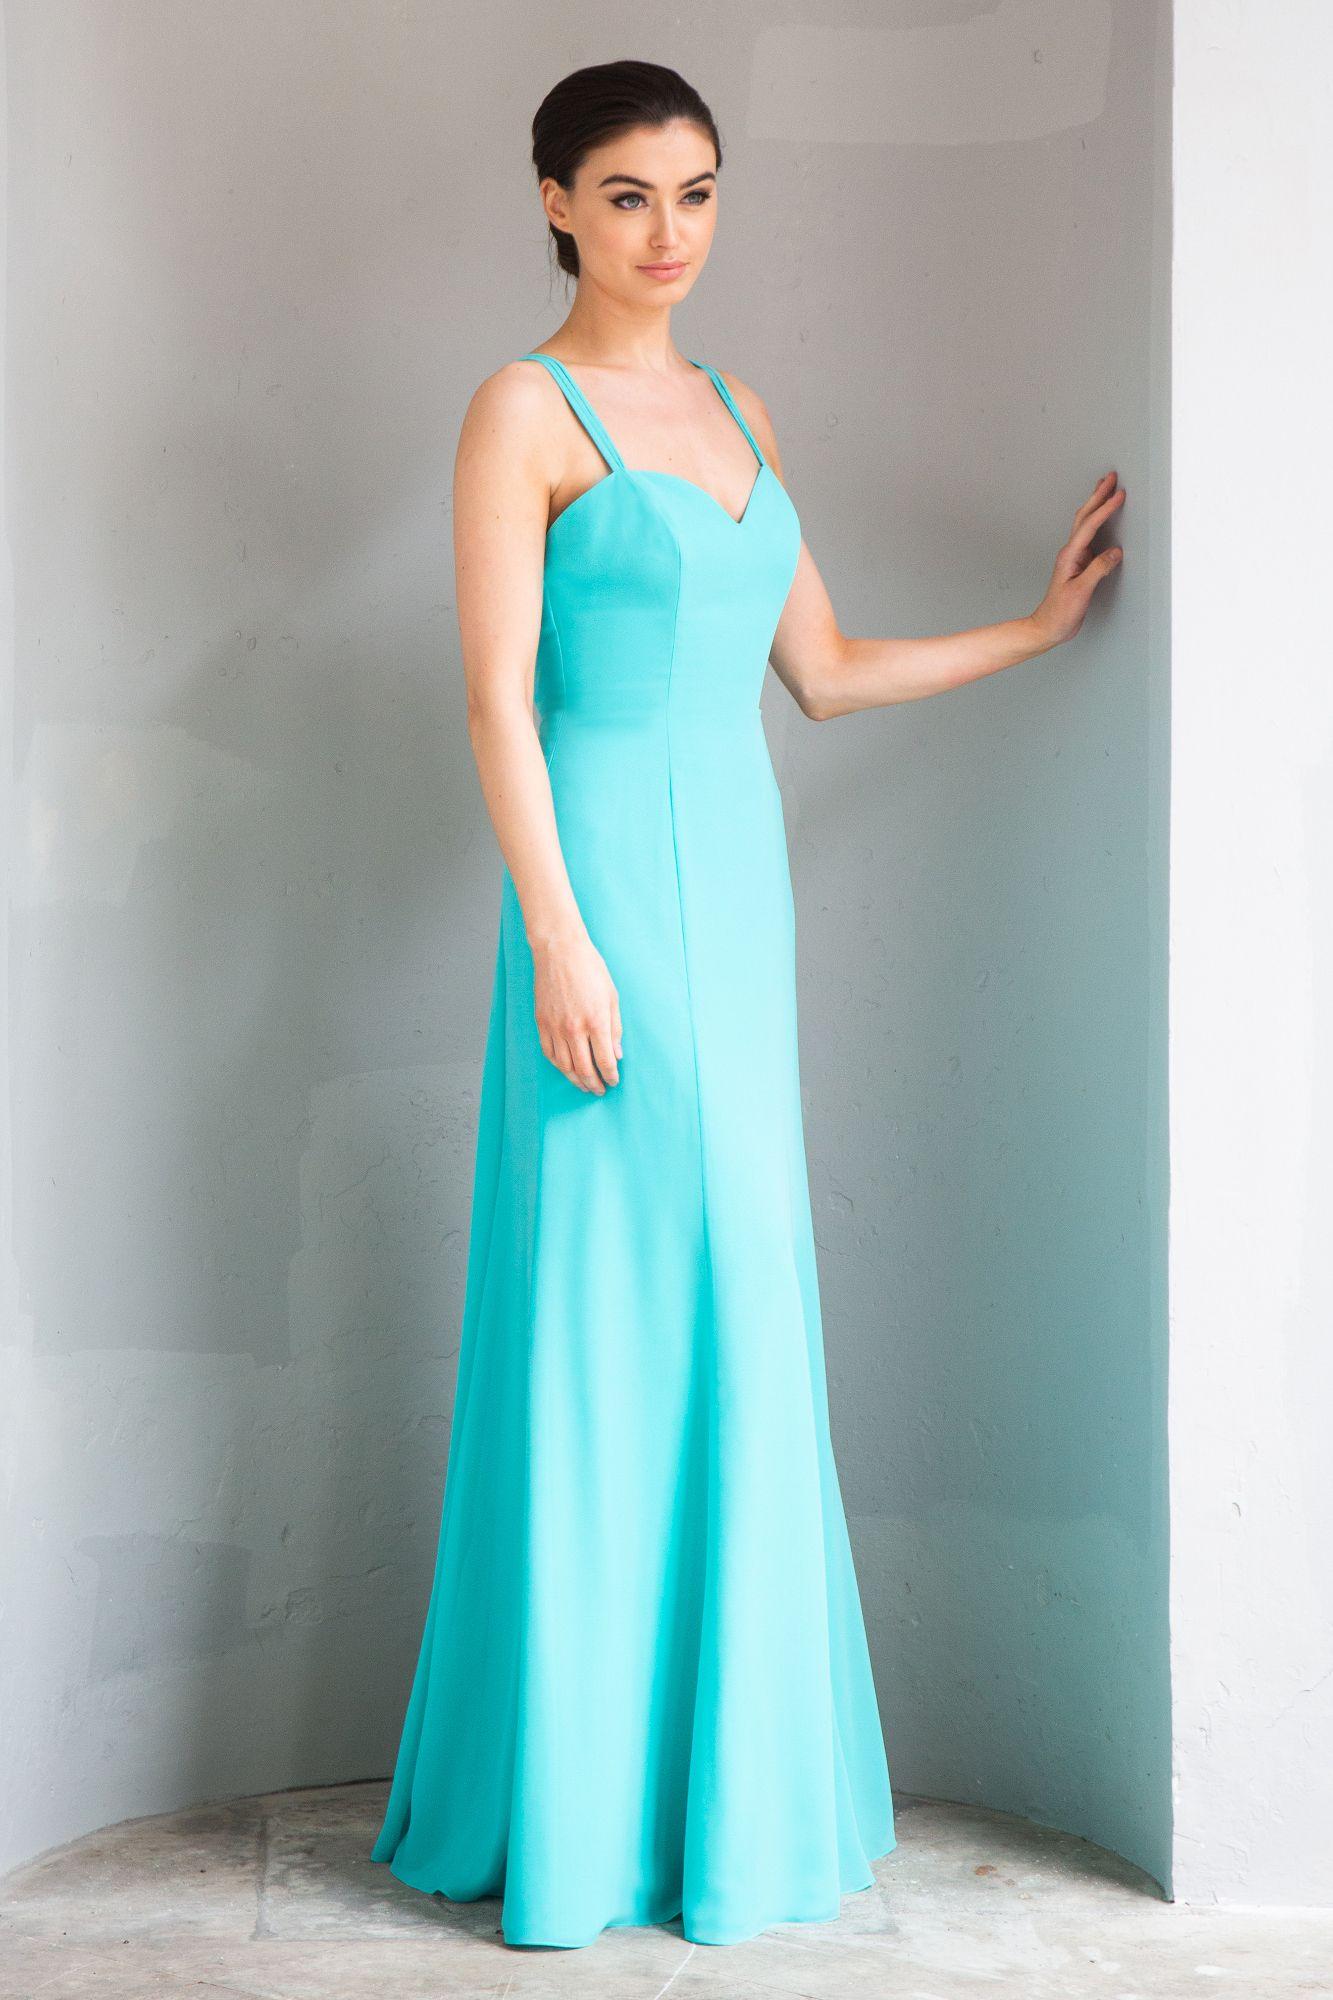 Special Day Abendkleider 10 D10  Abendkleid, Kleider